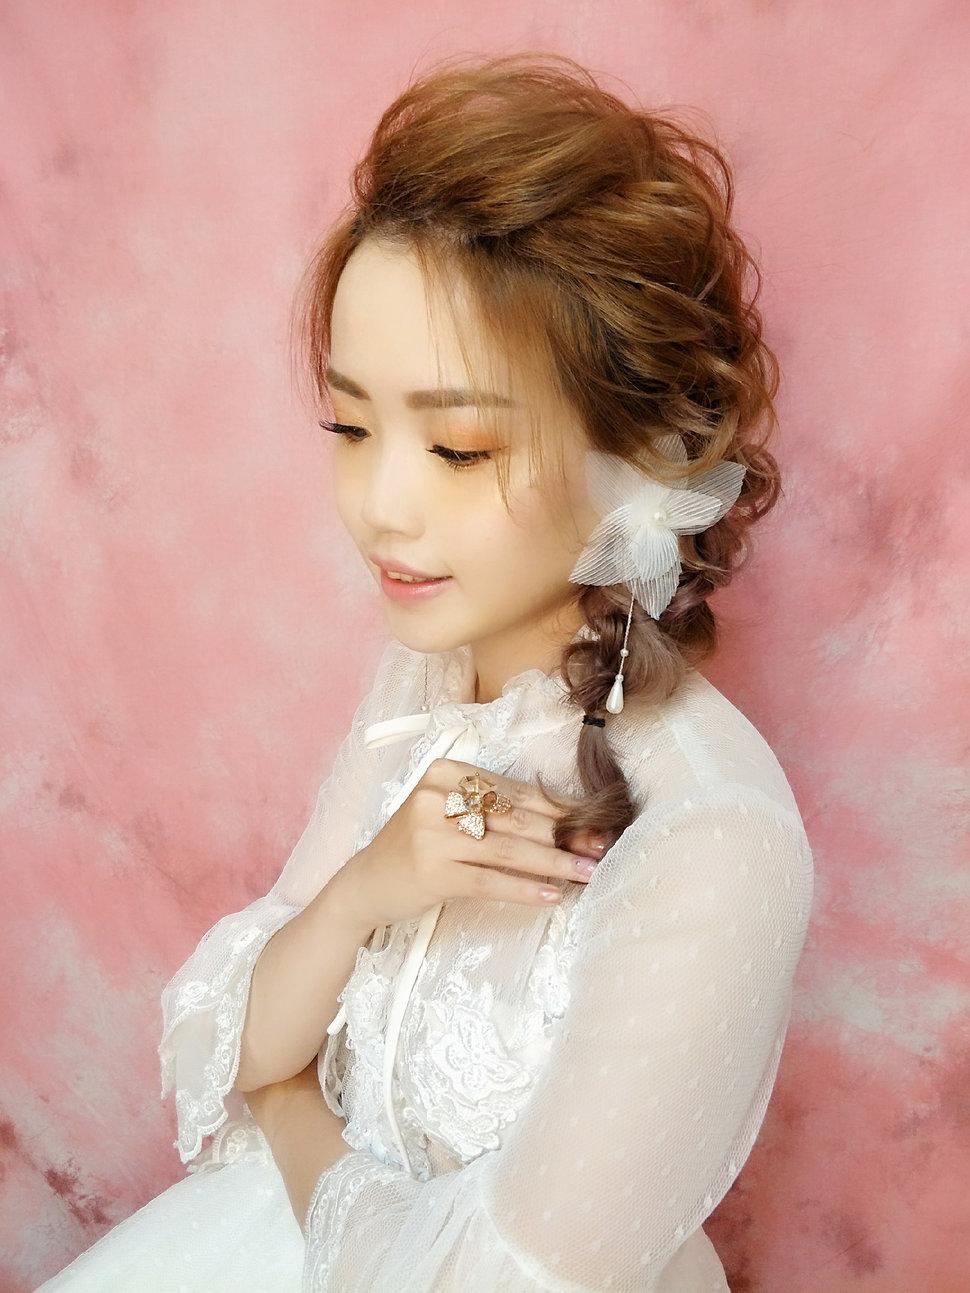 155732571968566000 - Nico妮可彩妝造型-噴槍底妝《結婚吧》